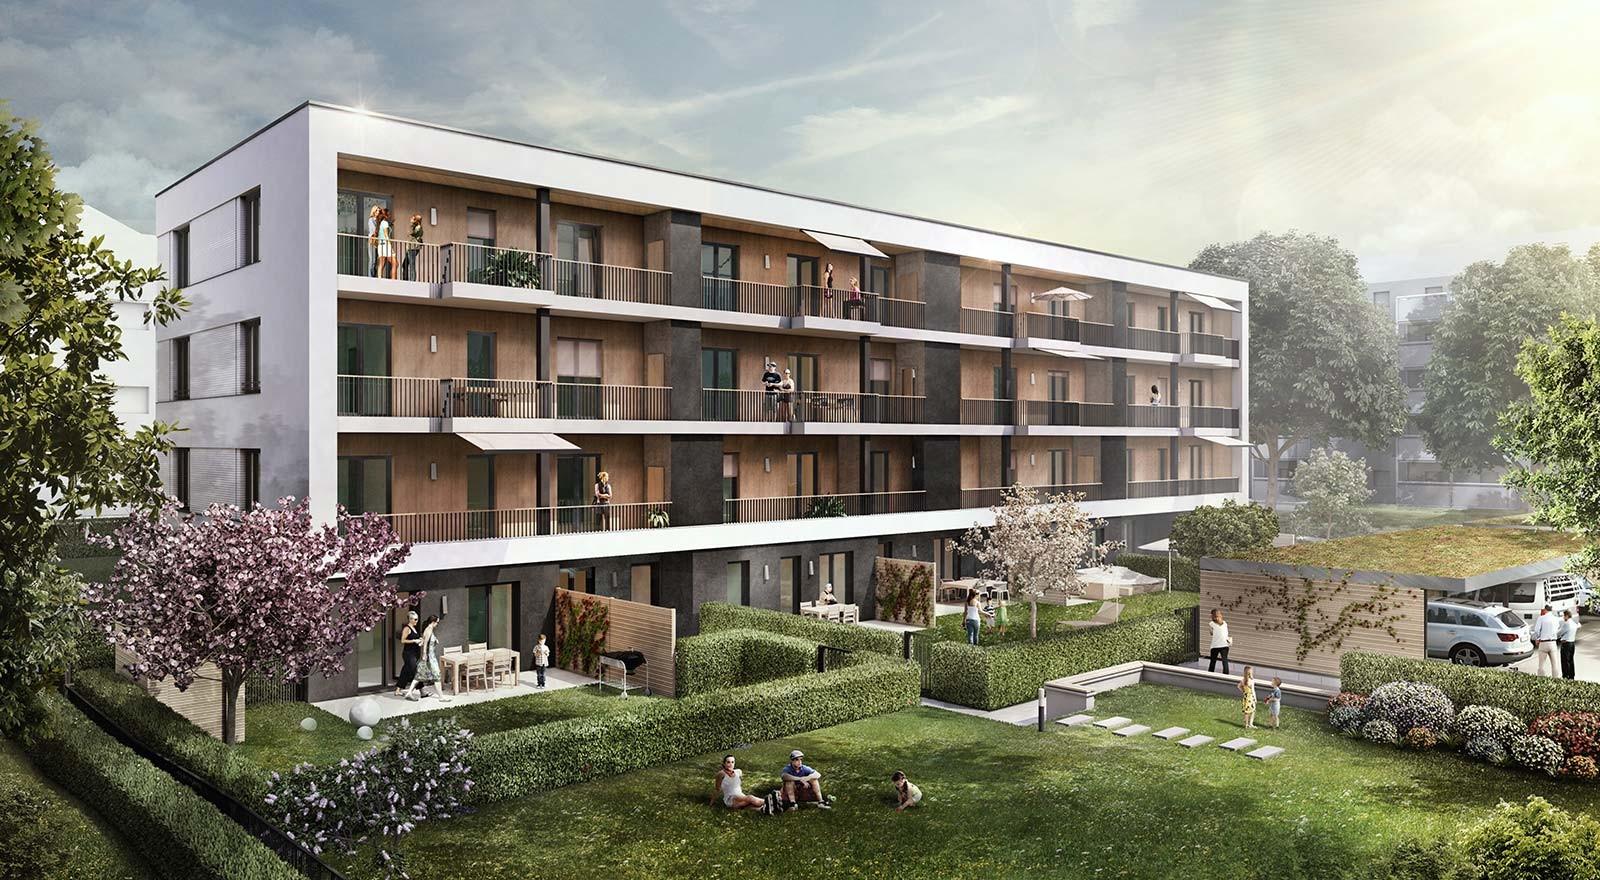 Mehrfamilienhaus in Magdeburg - Architekturvisualisierung  Aussen - Gartengestaltung